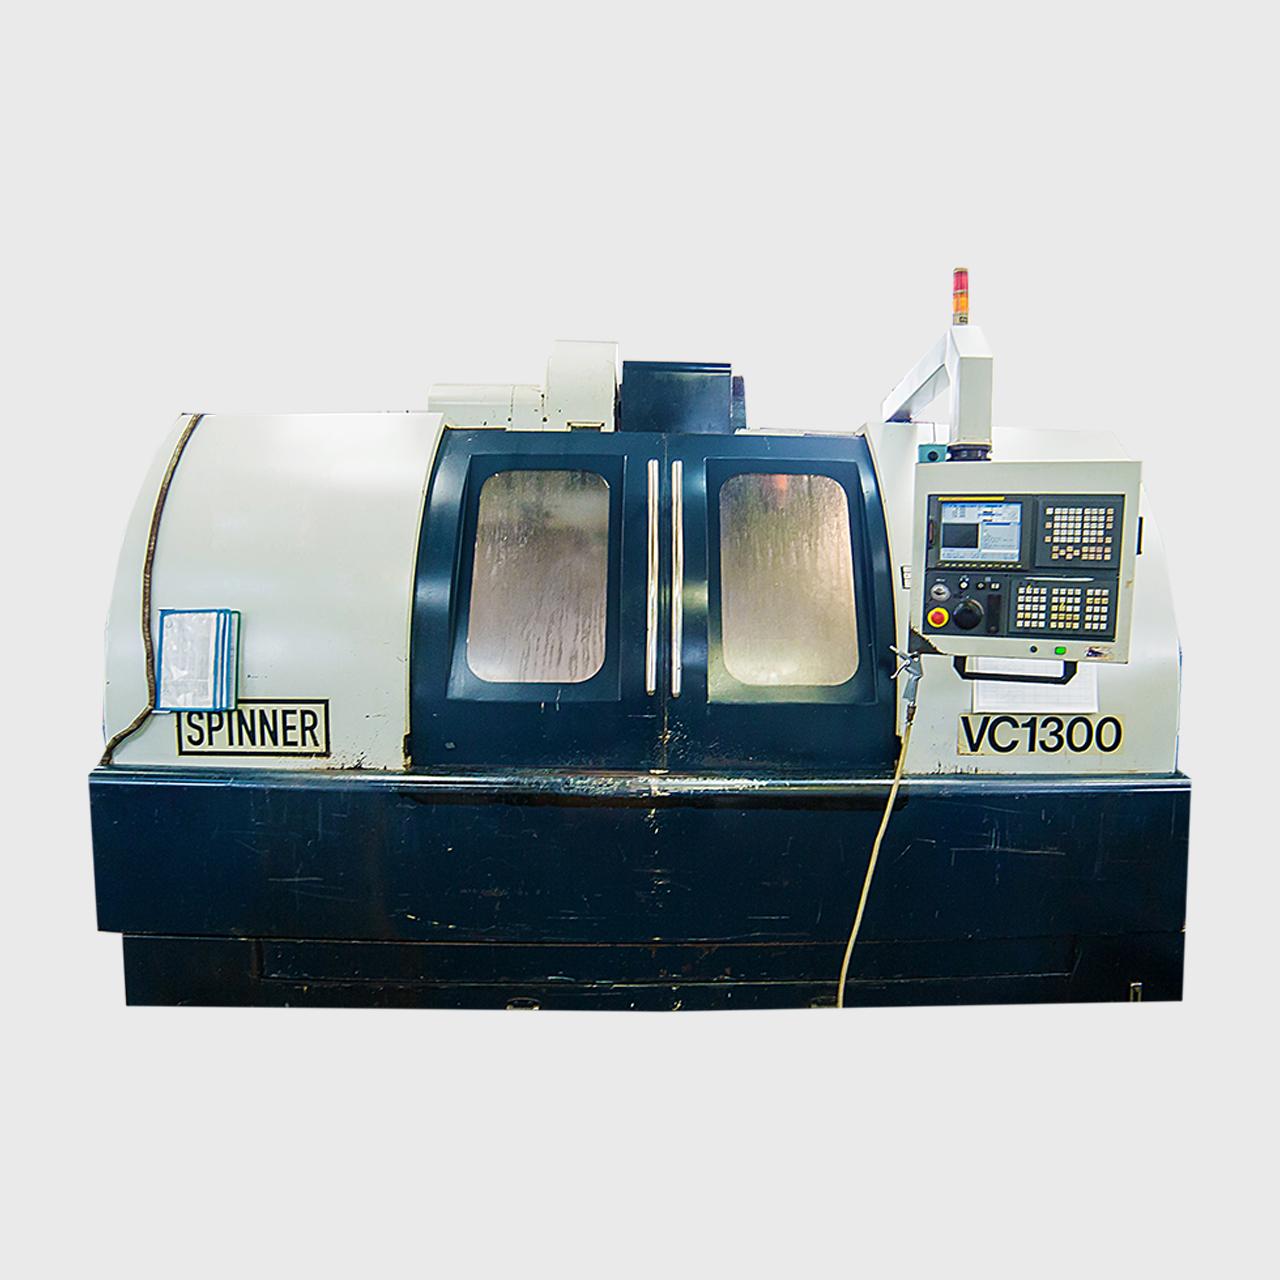 CENTRUL DE FREZARE CNC SPINNER VC1300 4 AXE